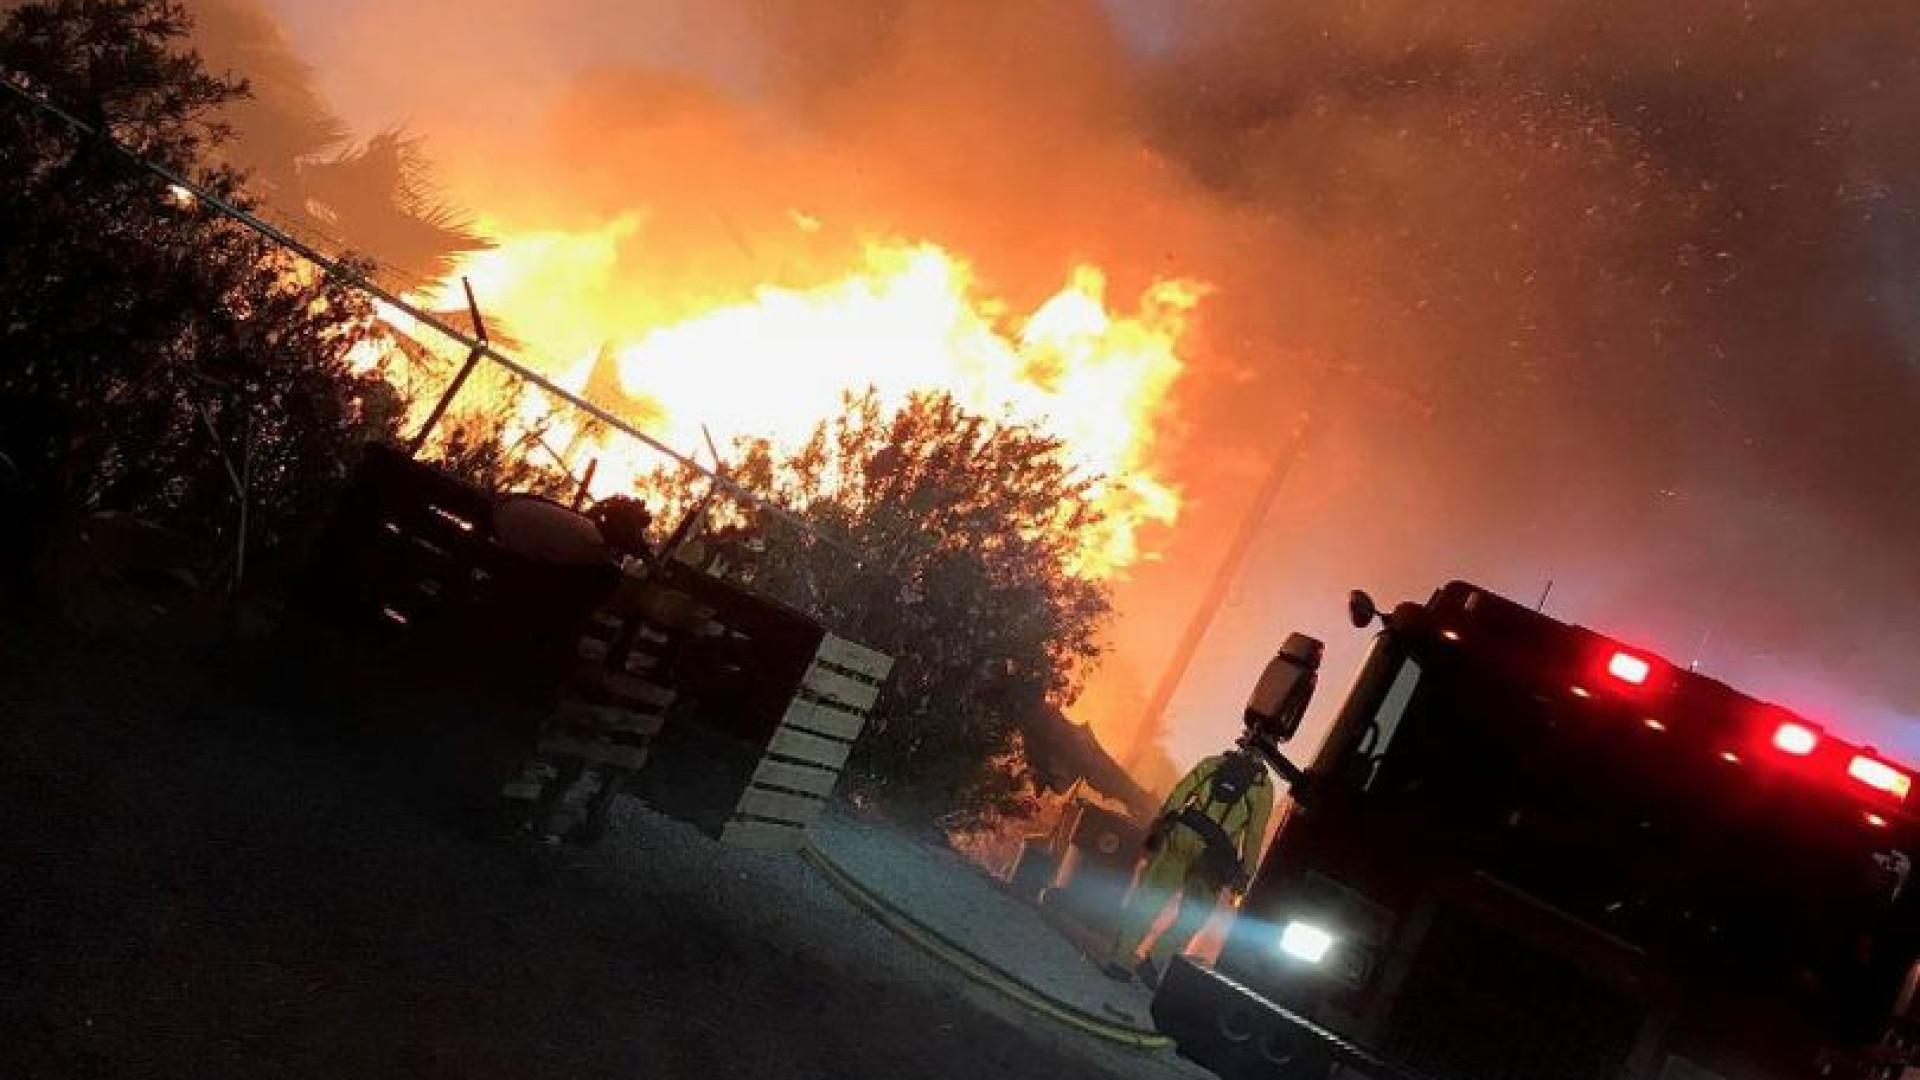 Bombeiros combatem incêndio próximo do festival Coachella